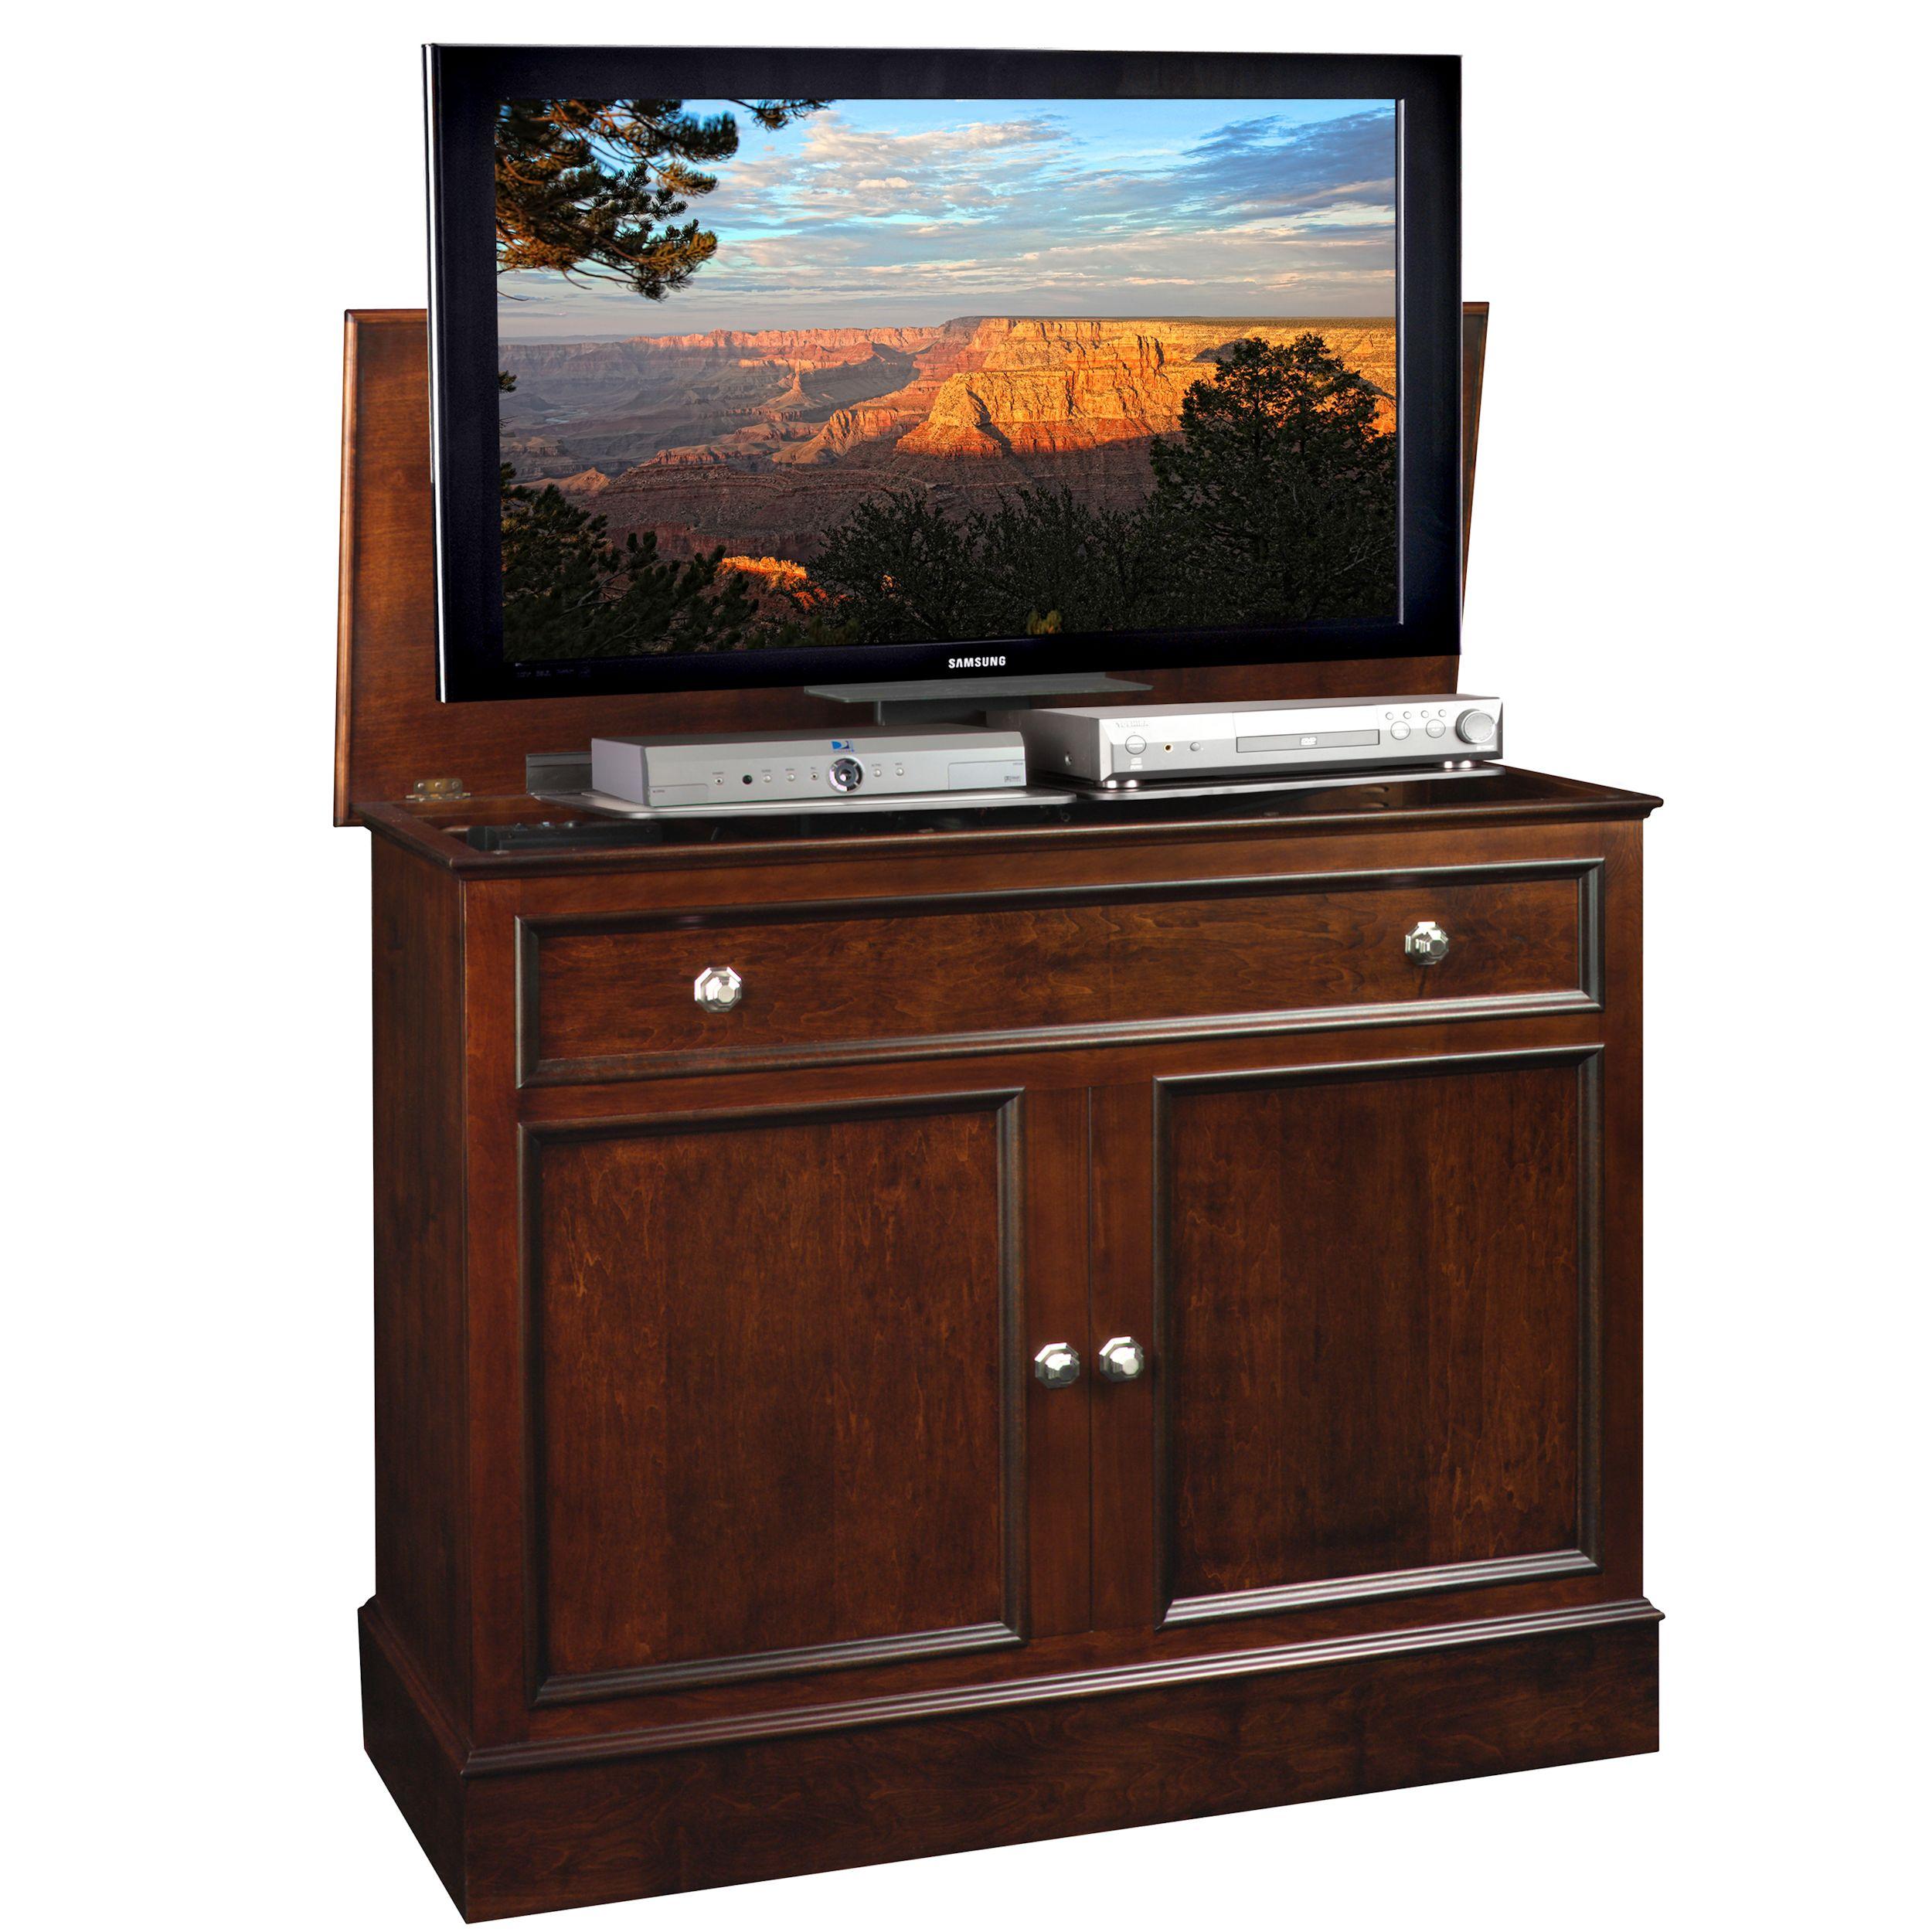 traveler tv lift cabinet. Black Bedroom Furniture Sets. Home Design Ideas